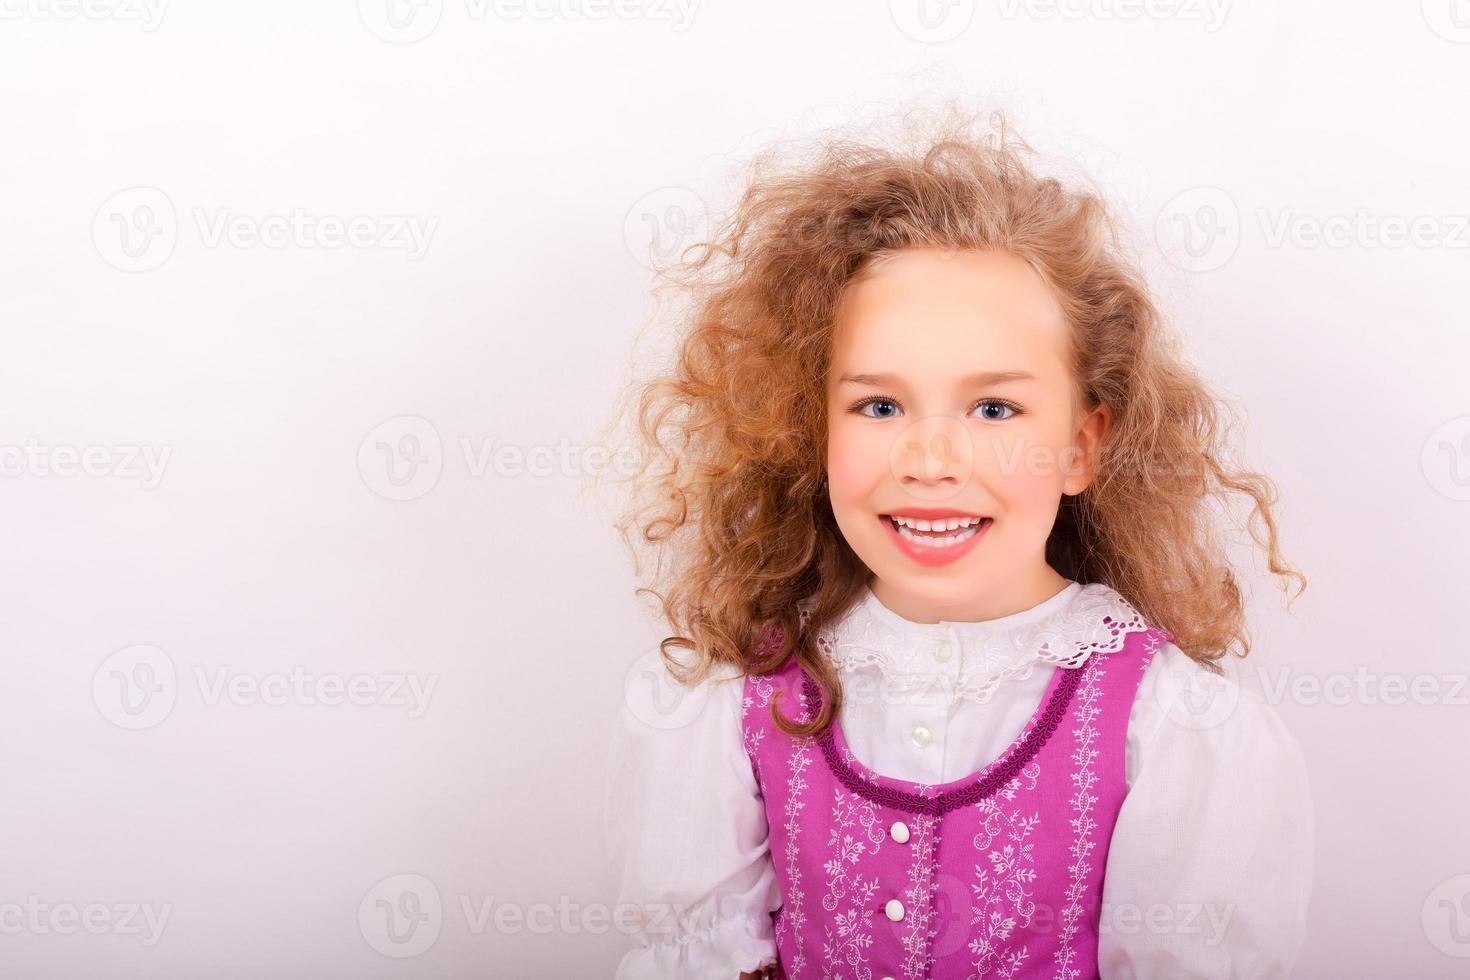 Porträt eines kleinen Mädchens in traditioneller bayerischer Kleidung foto